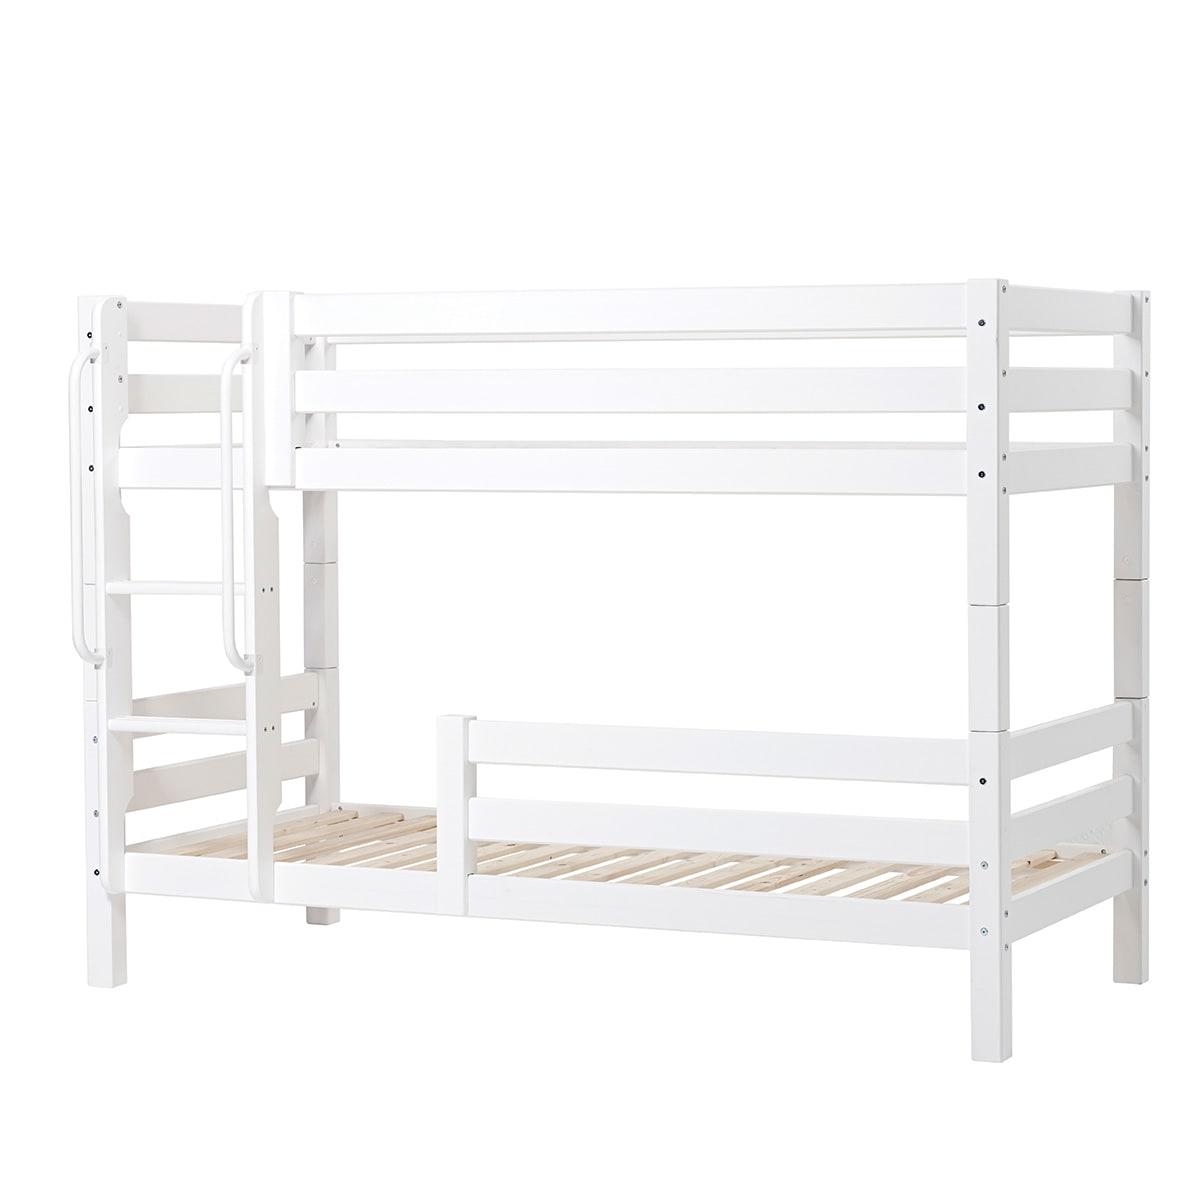 90 x 200 cm - Svanemærket børneseng med sengeheste og livstidsgaranti